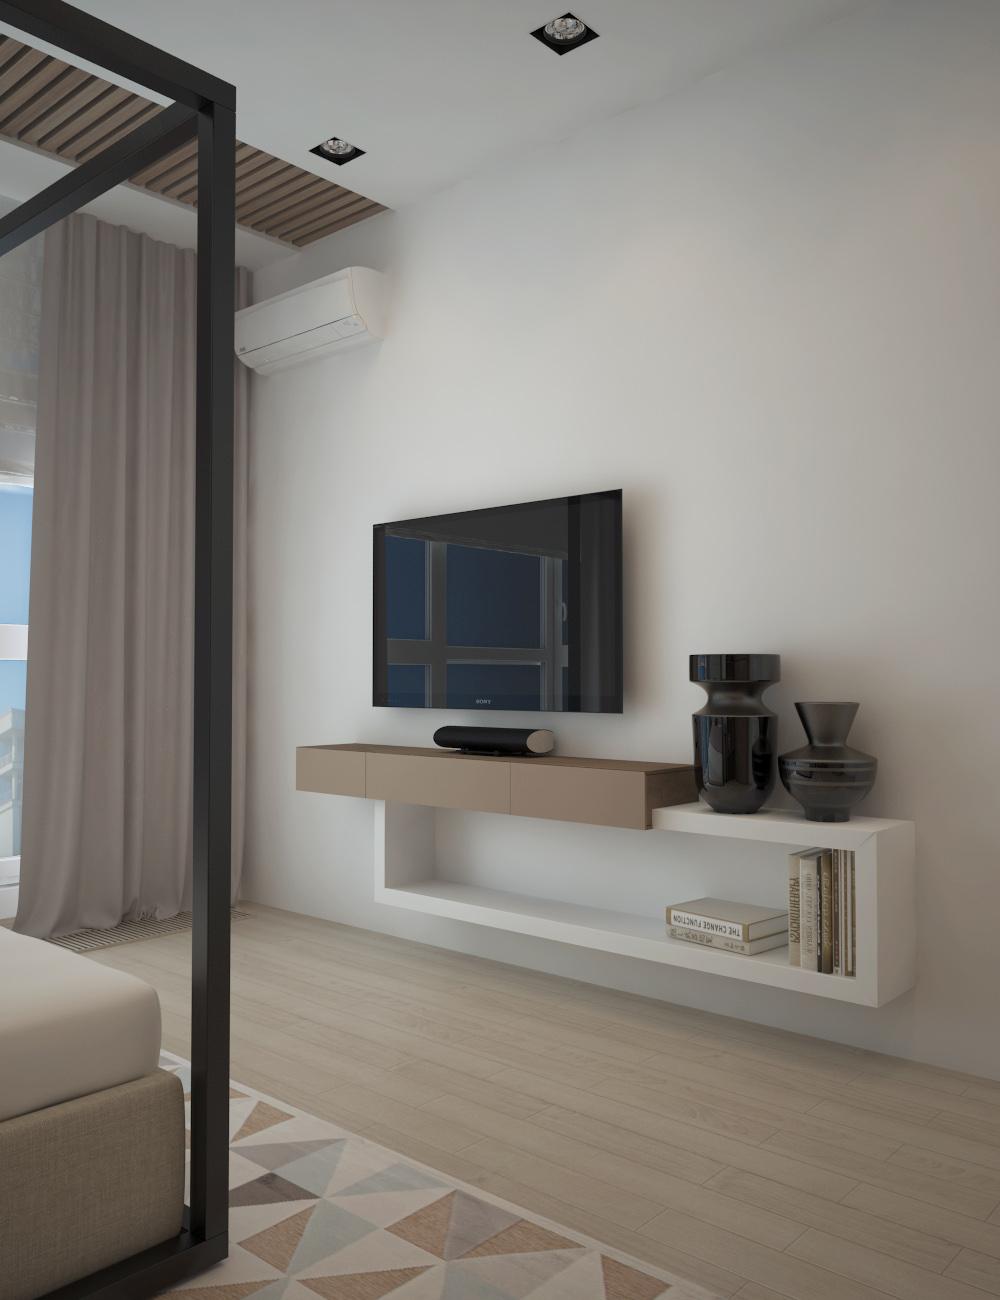 22_2_floor_bedroom 1_view 5.jpg